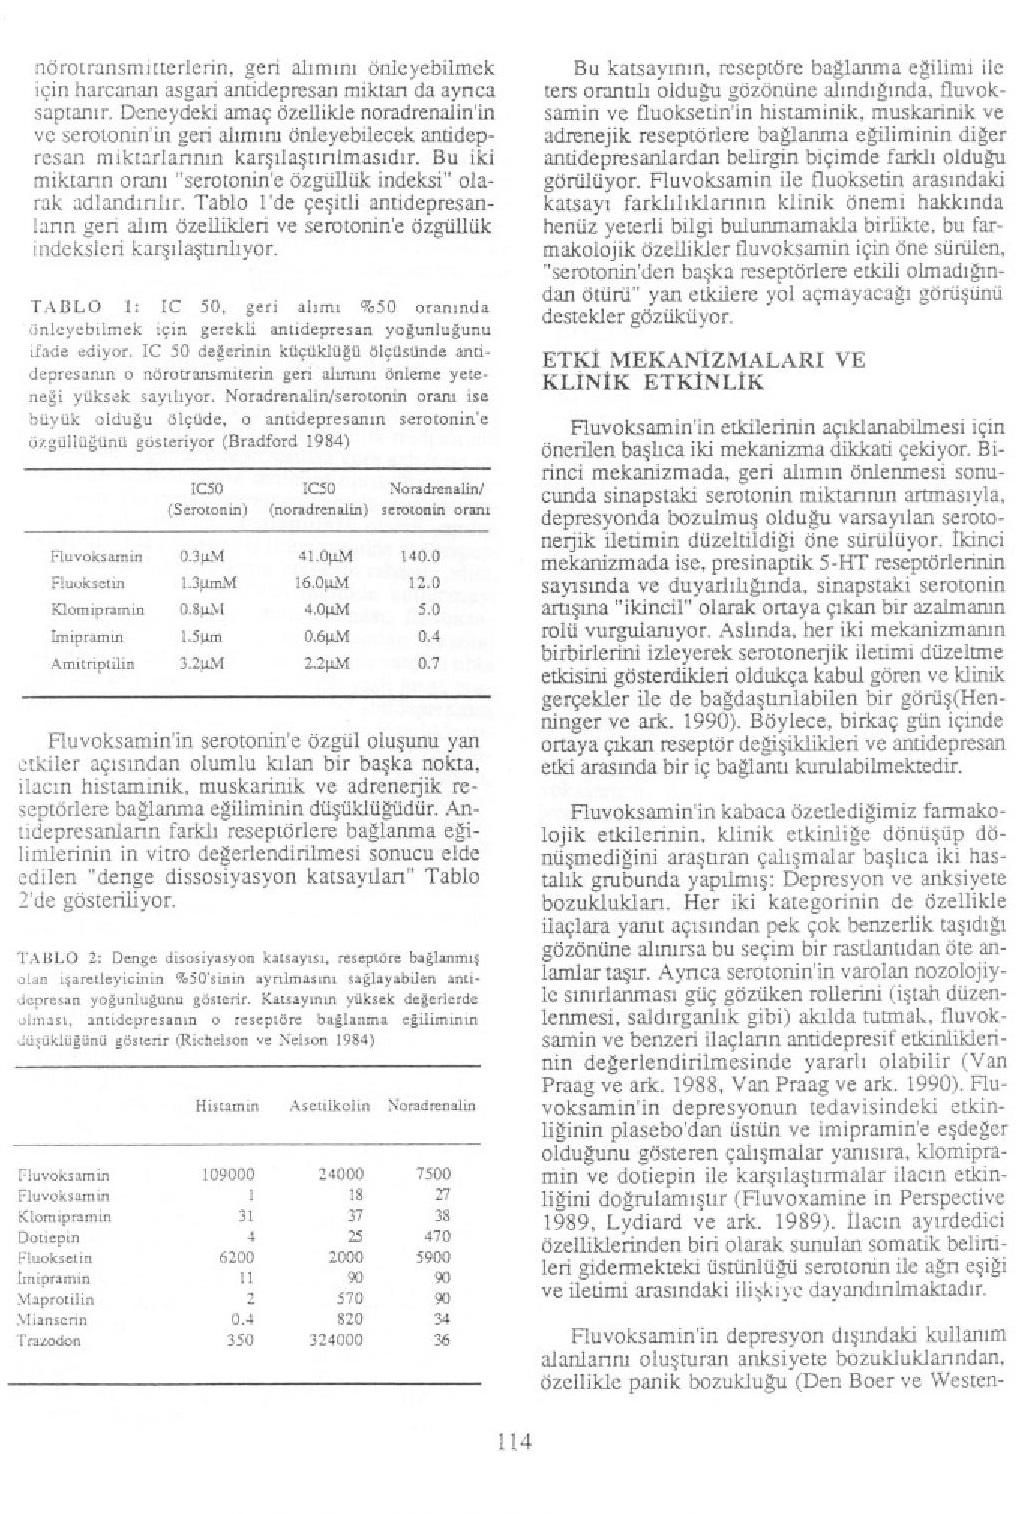 fluvoksamin-page-002